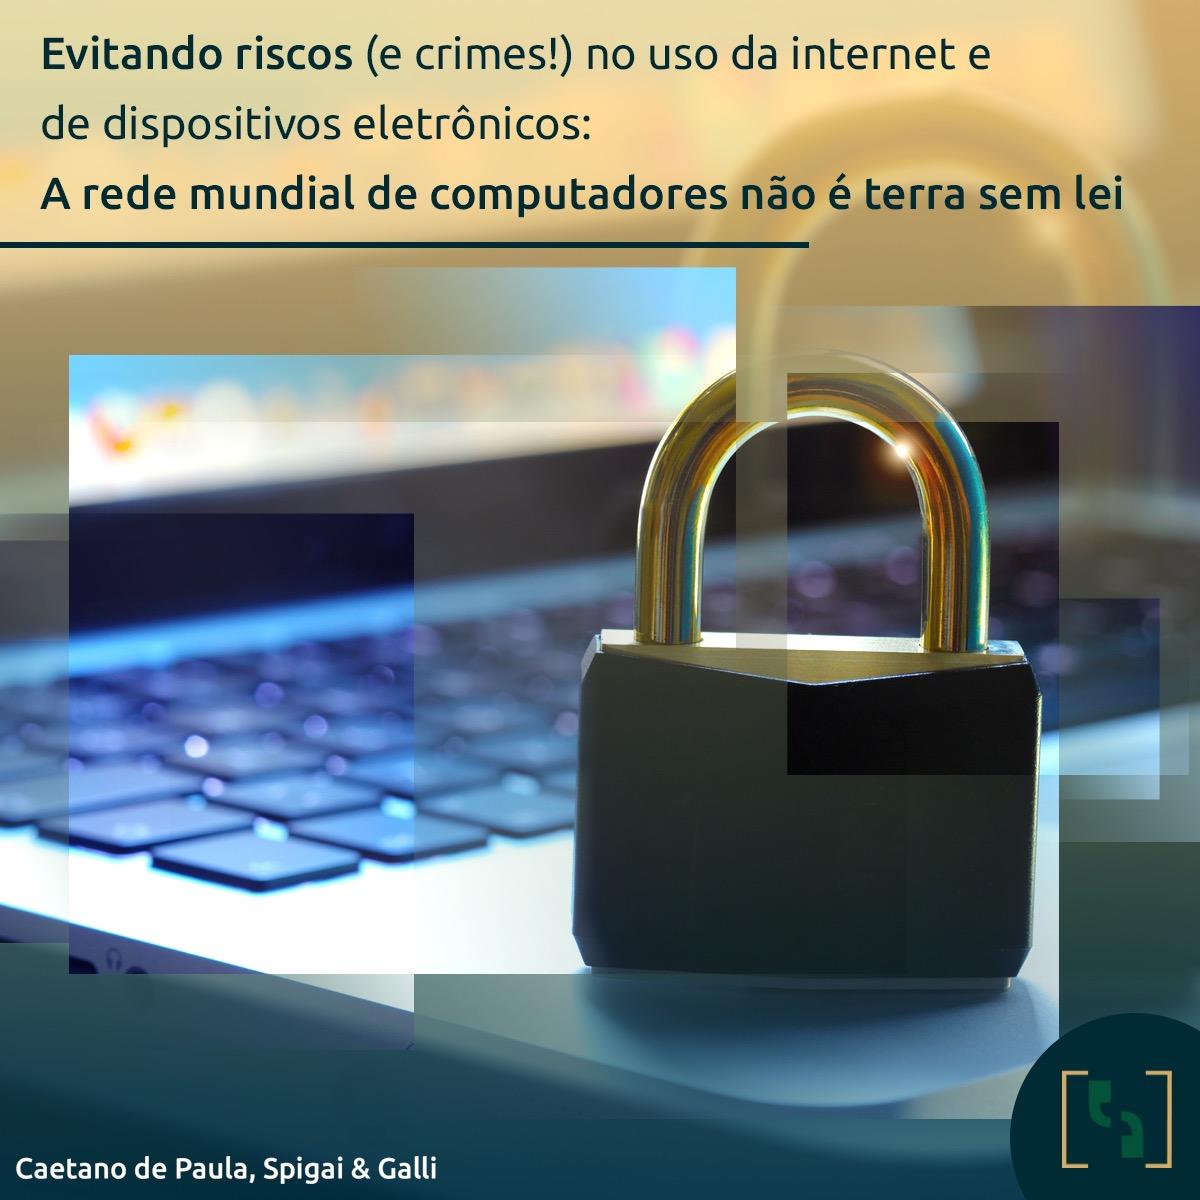 Evitando riscos (e crimes!) no uso da internet e de dispositivos eletrônicos